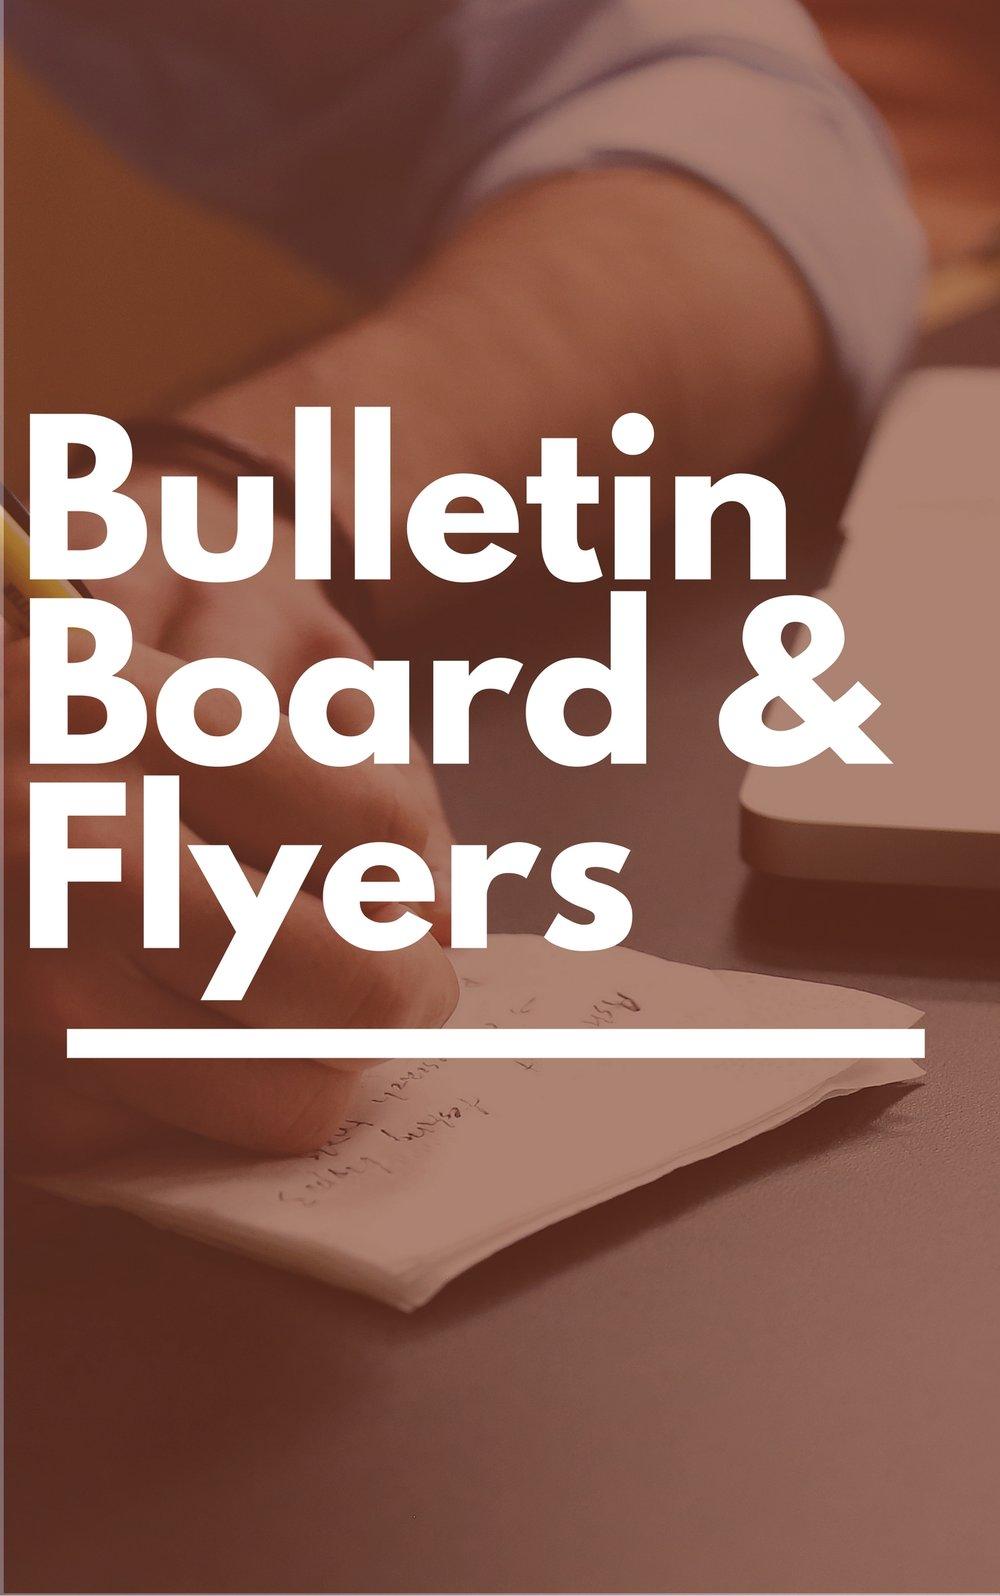 Bulletin Board and Flyers - Glen Rock Public Library - NJ